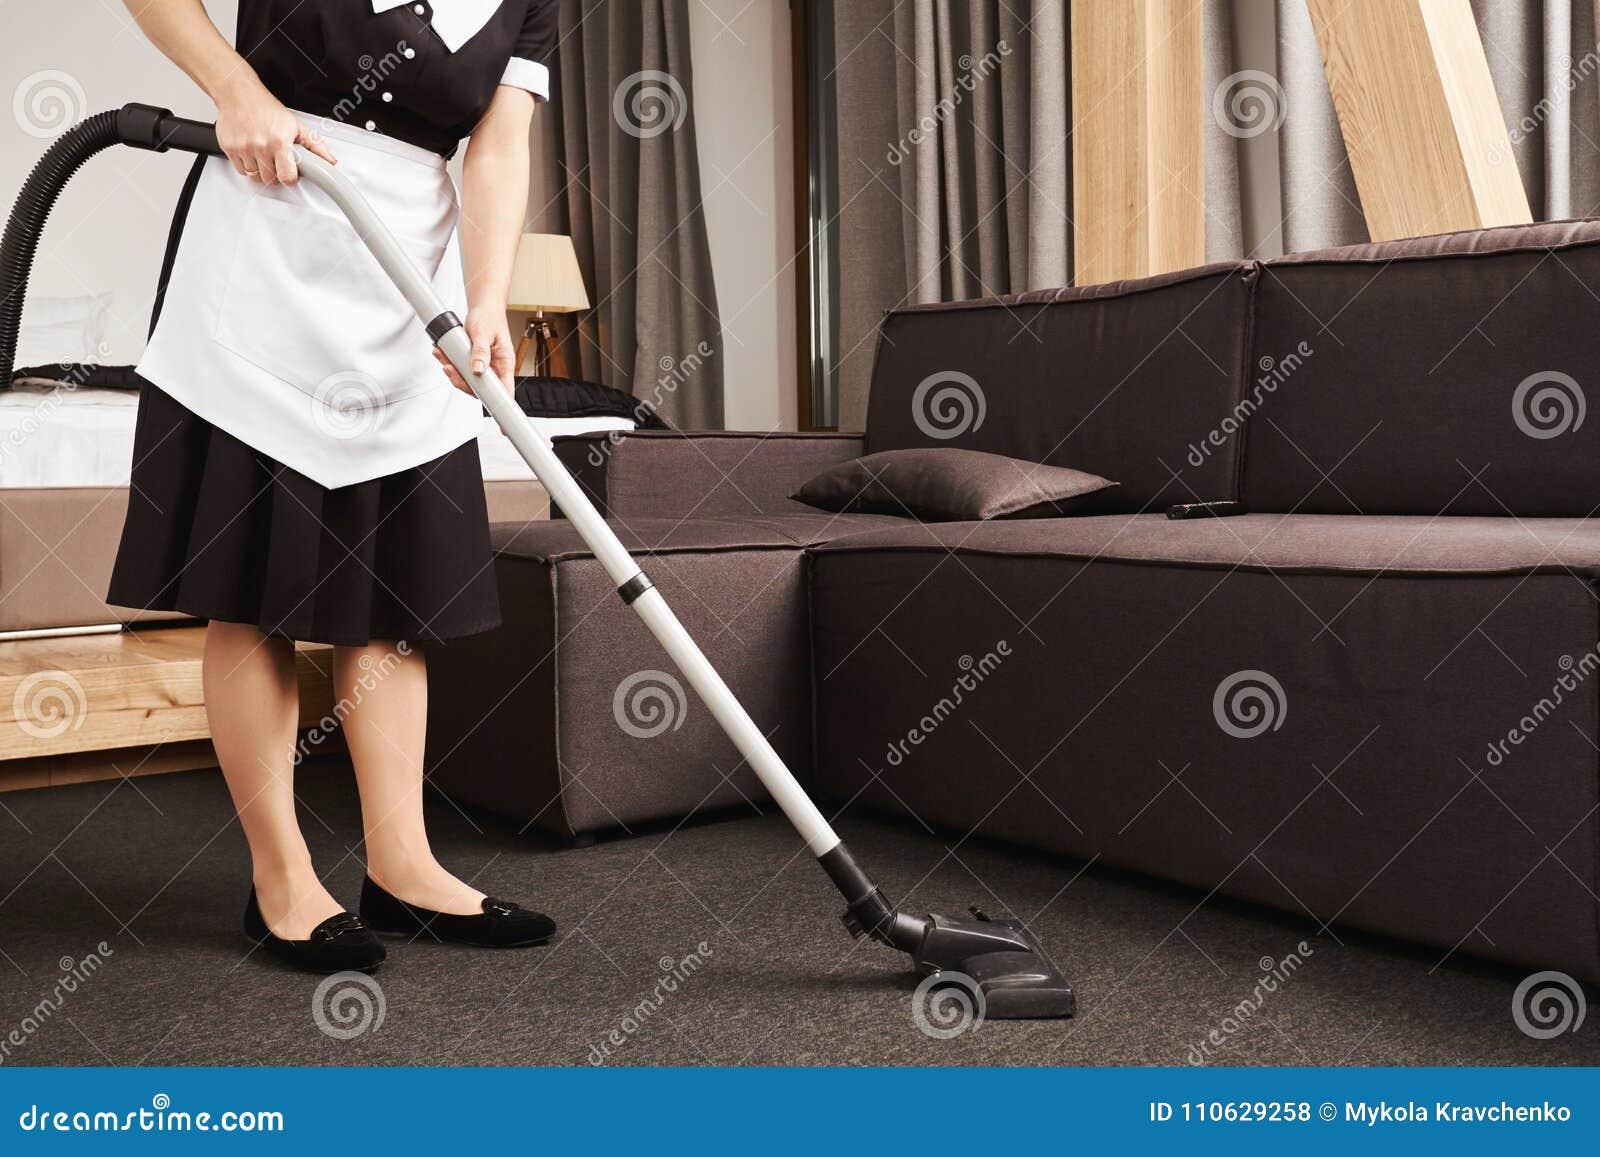 Clean house è chiave per produttività Colpo potato della cameriera durante il lavoro, salone di pulizia con l aspirapolvere